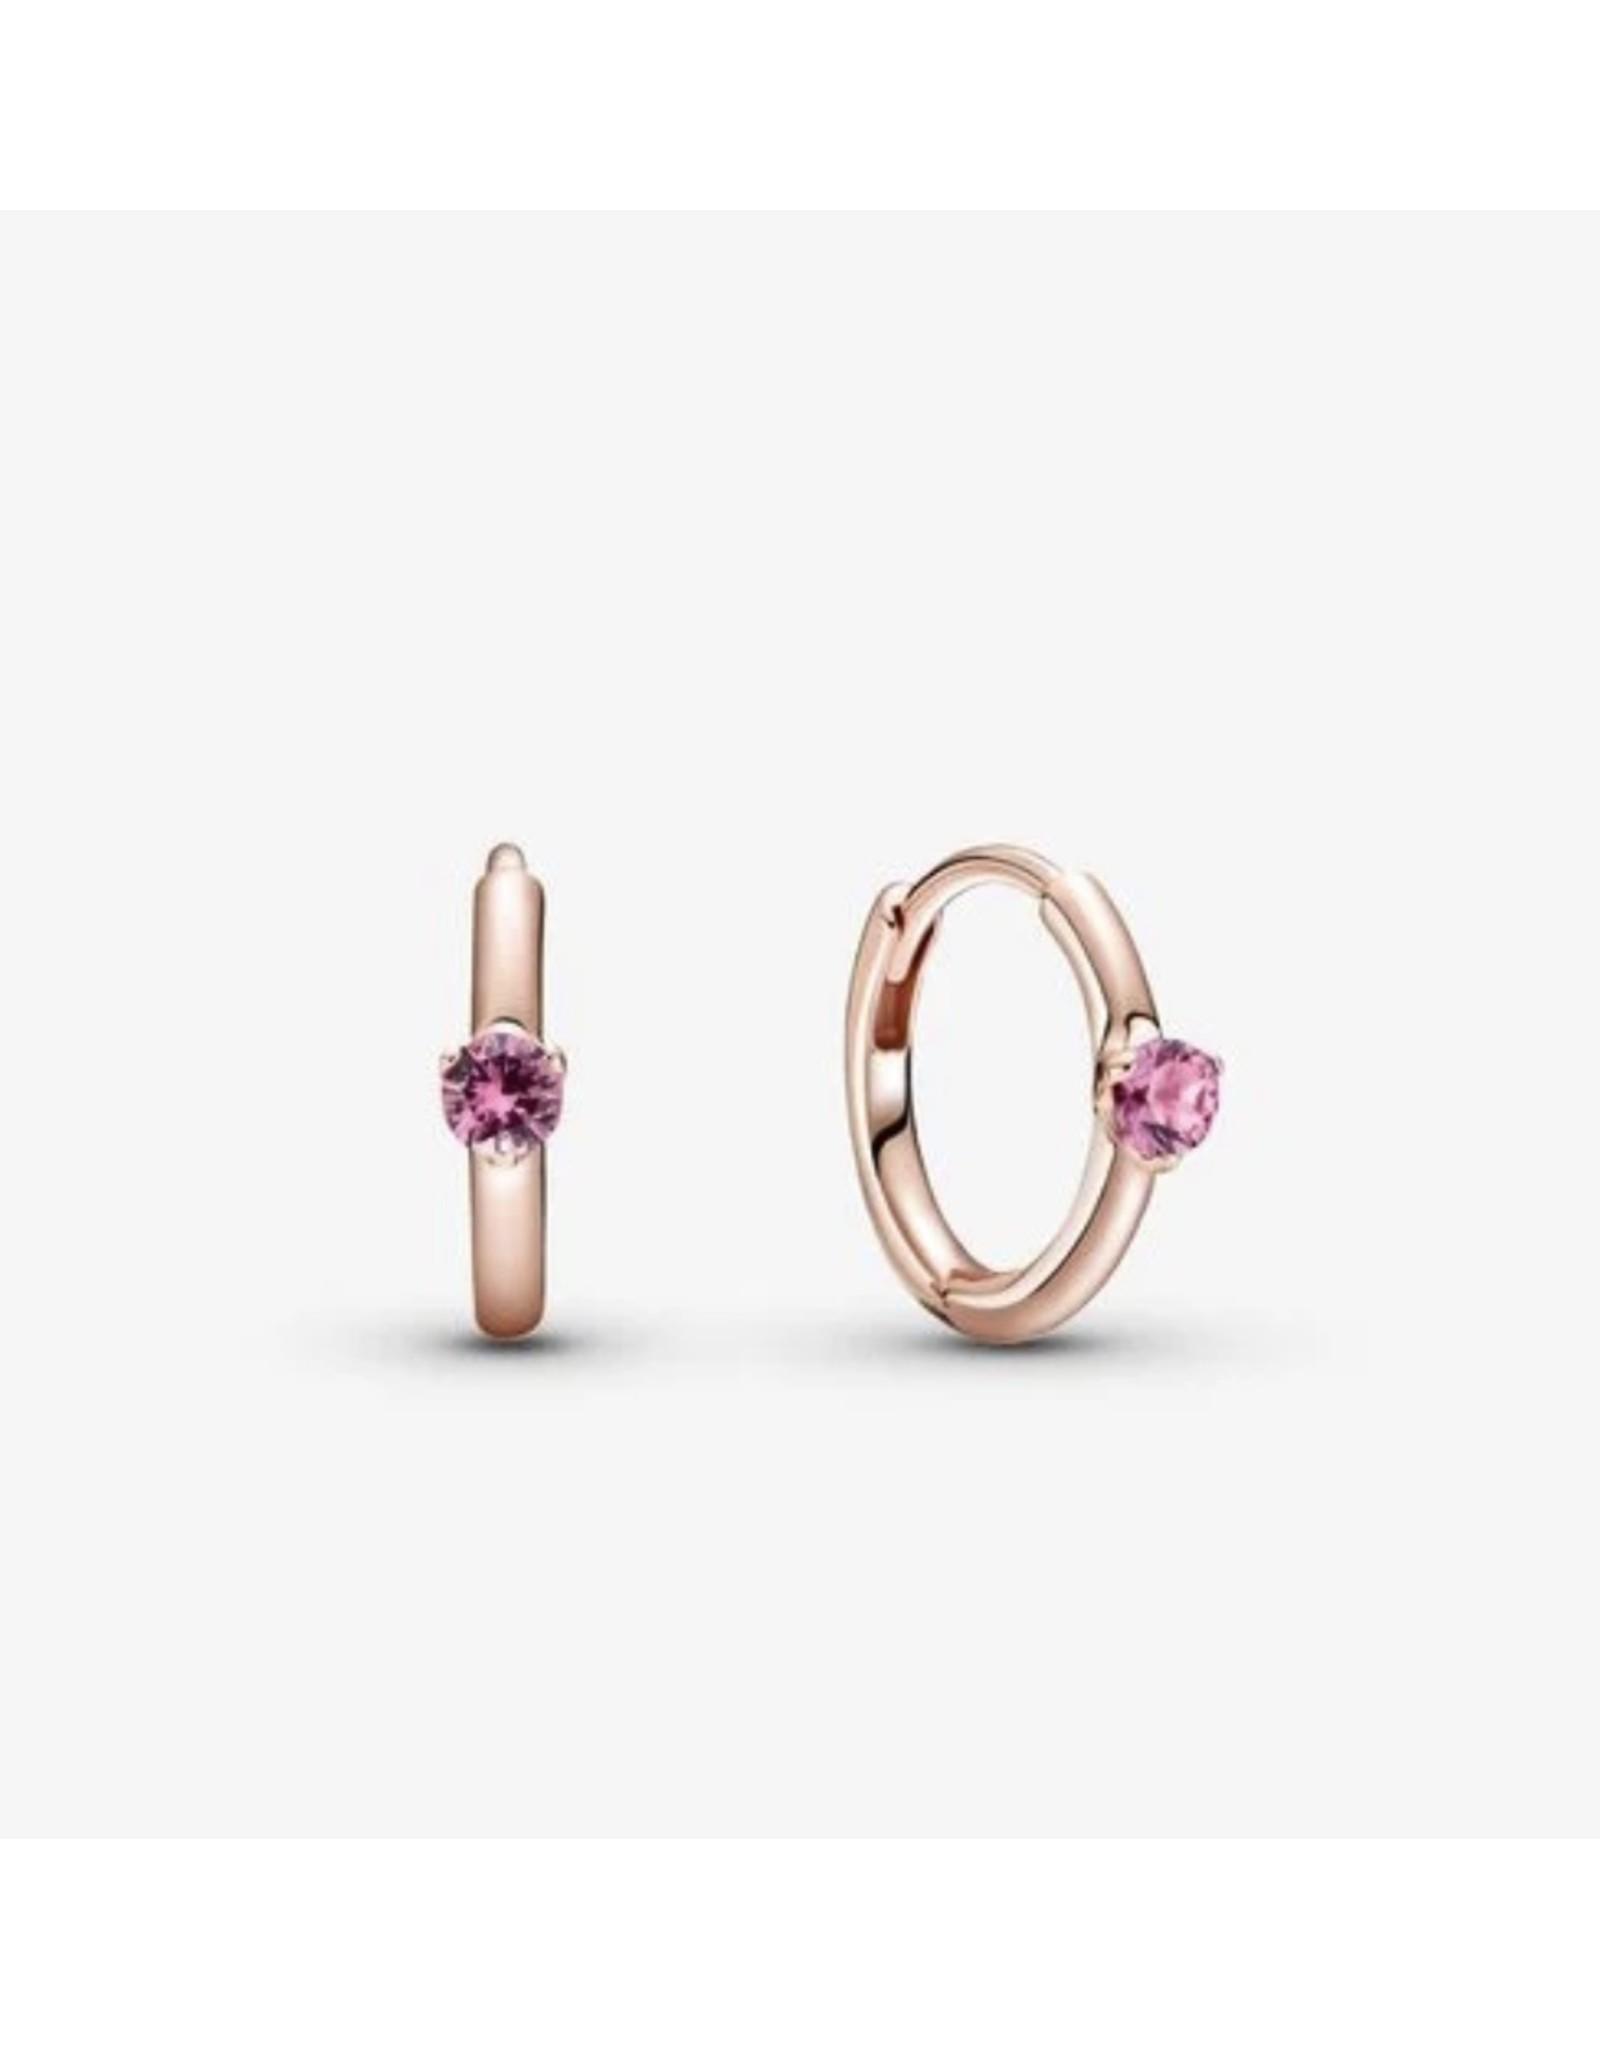 Pandora Pandora Earrings,289304C03, Solitaire Huggie Hoops, Pink Crystal, Rose Gold